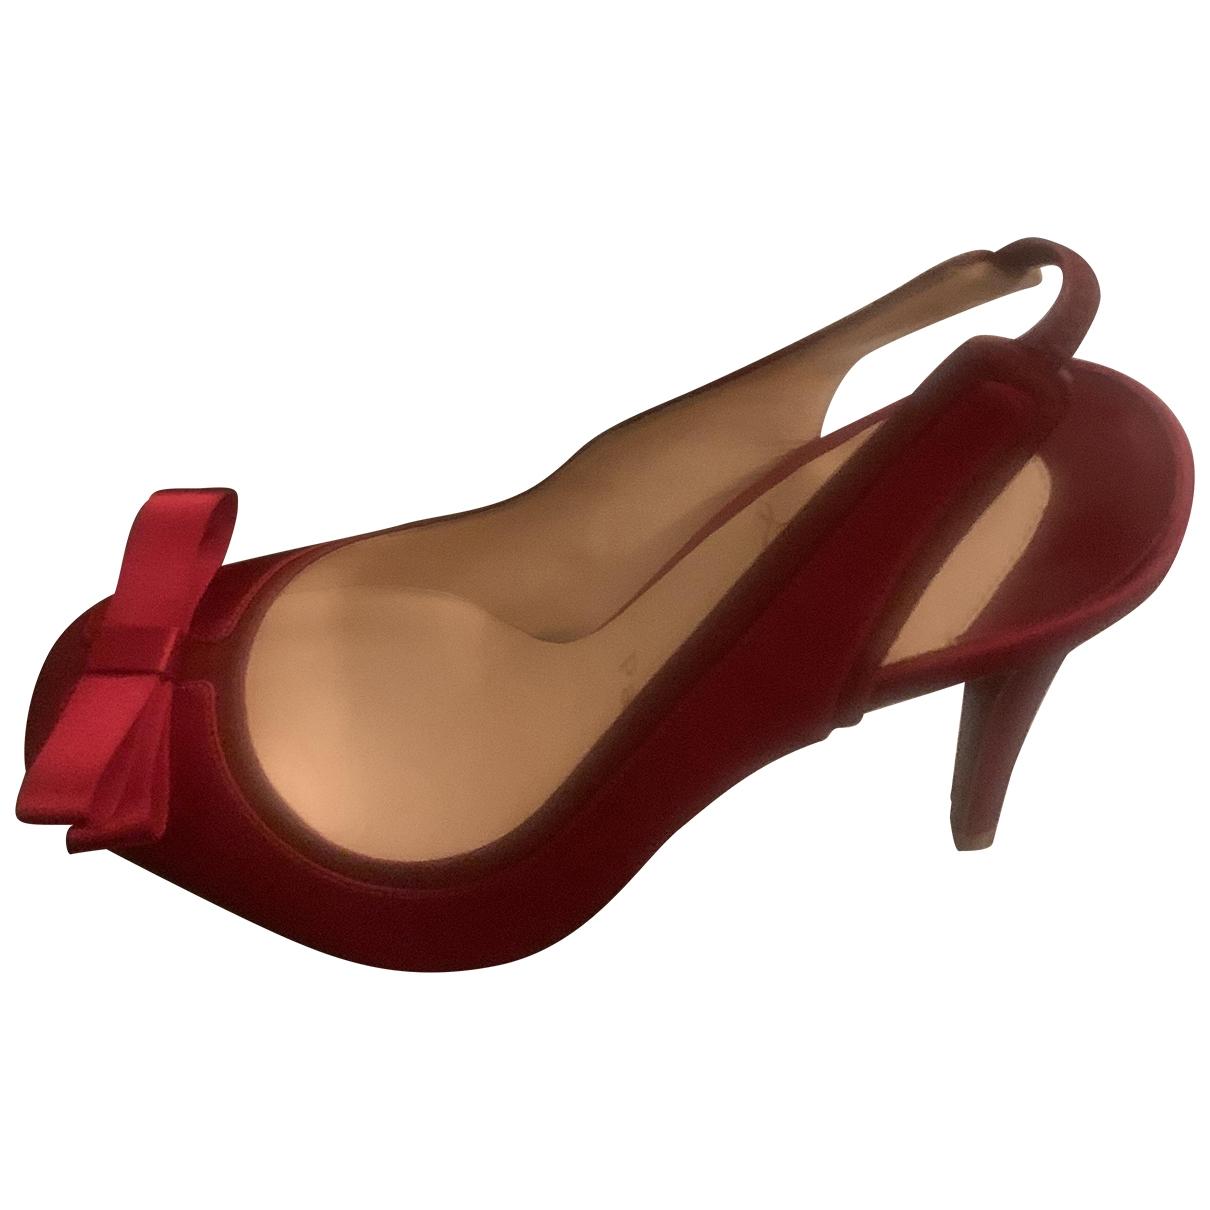 Christian Louboutin - Escarpins   pour femme en cuir - rouge